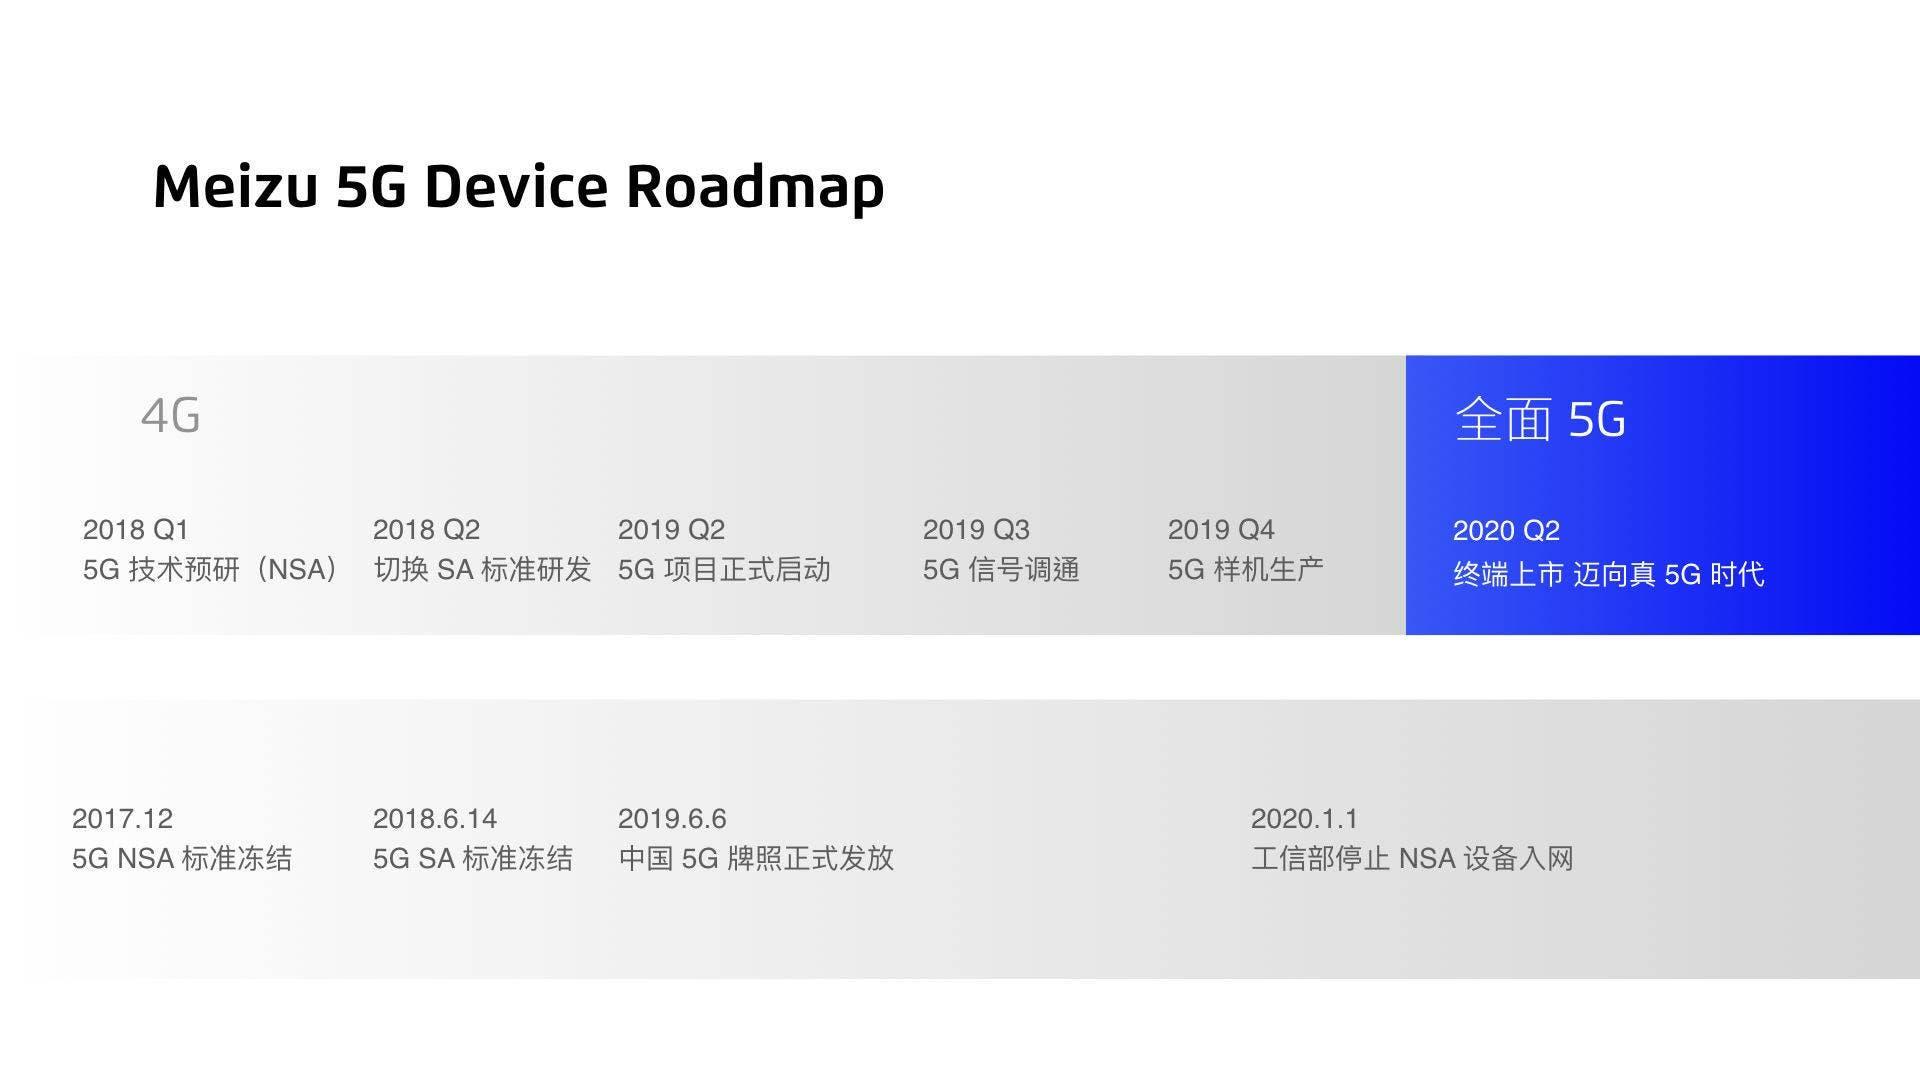 Meizu's 5G